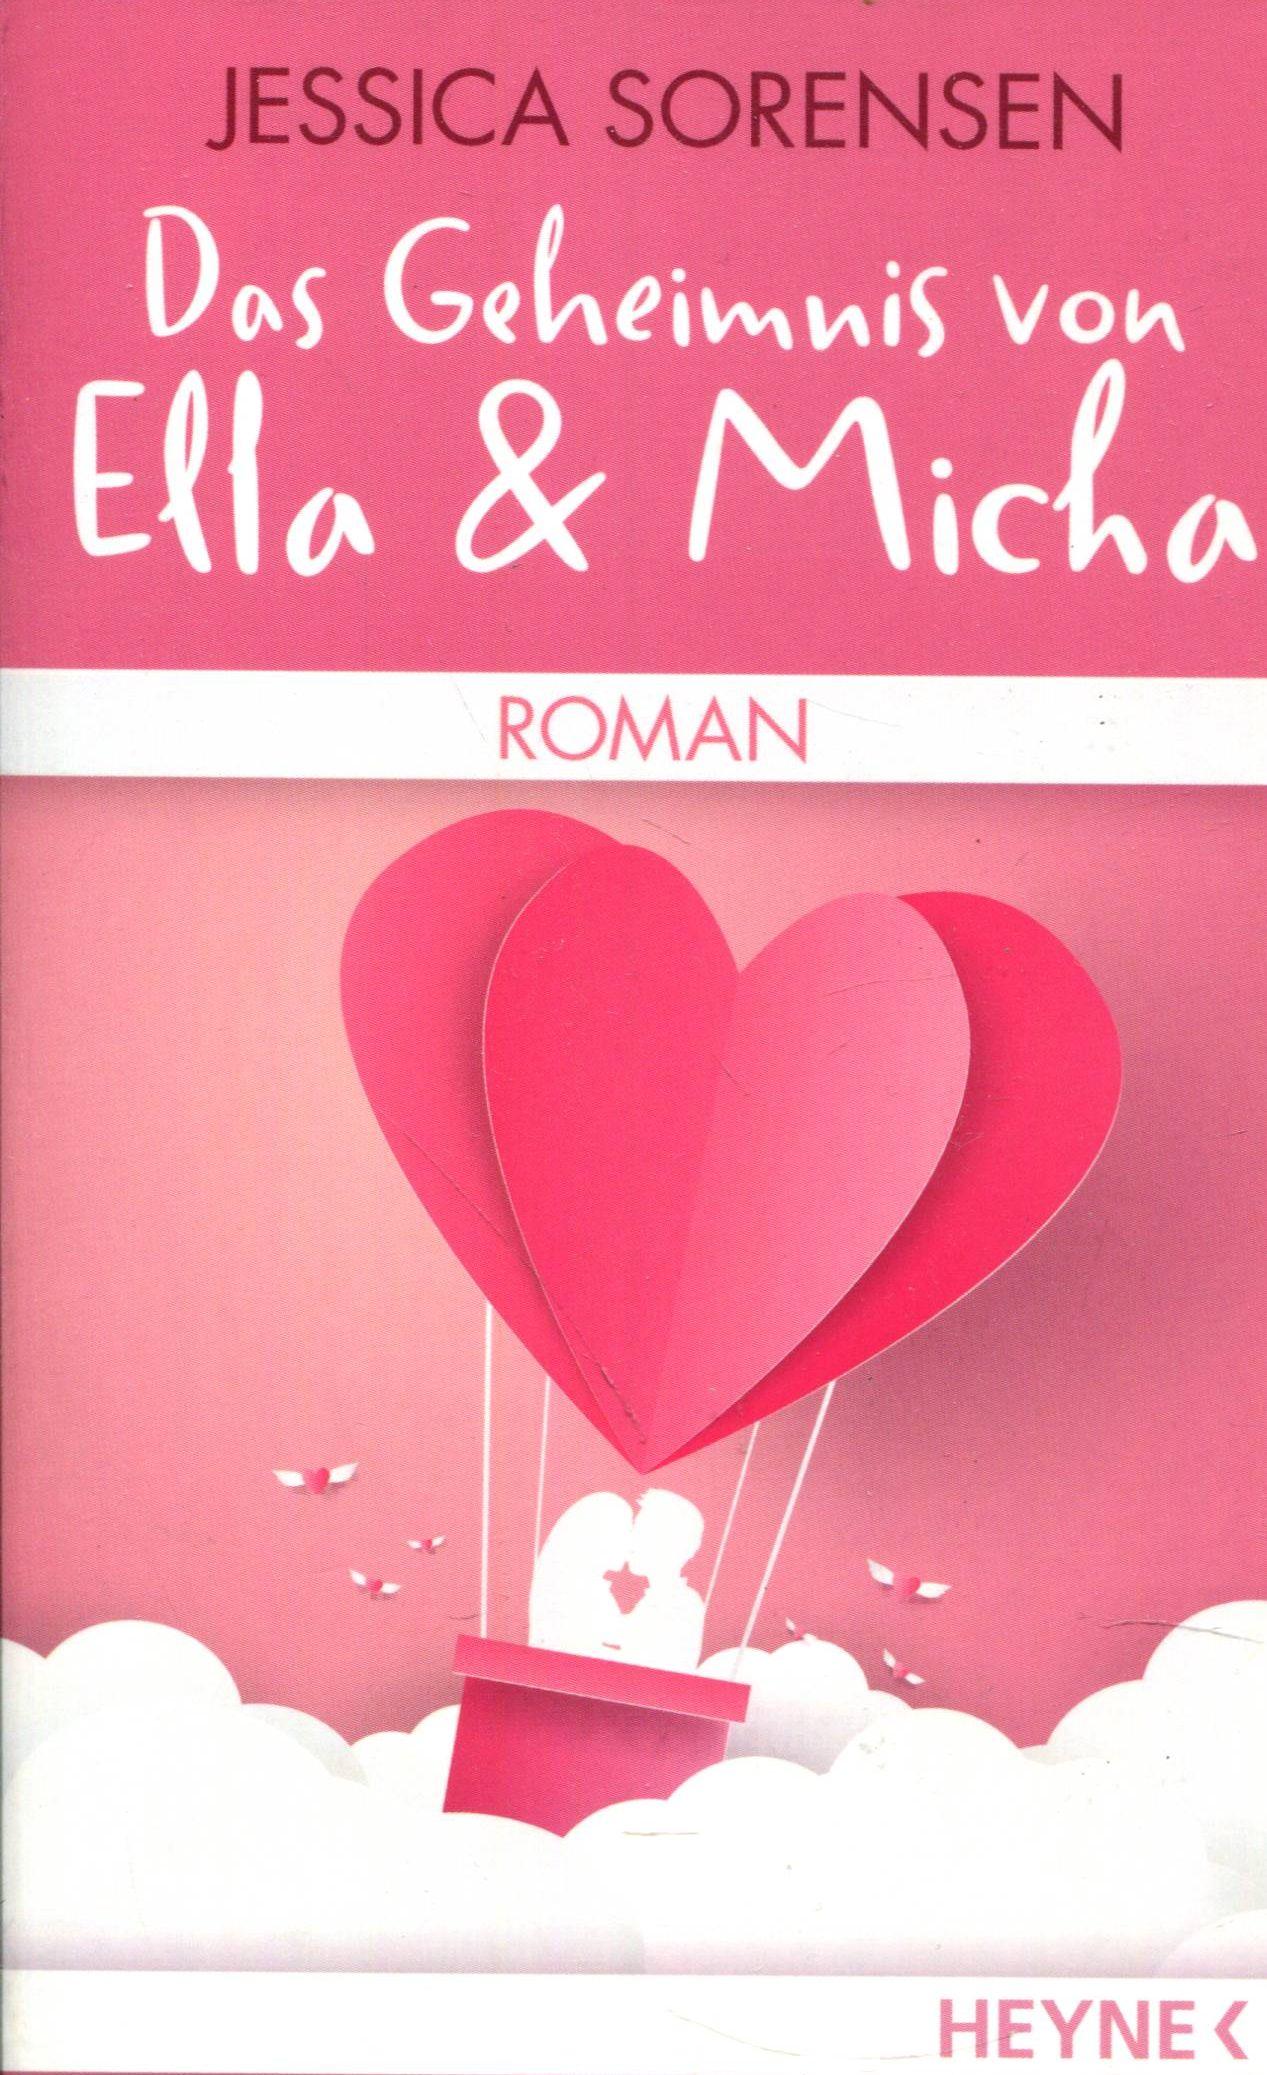 Das Geheimnis von Ella & Micha - Jessica, Sorensen